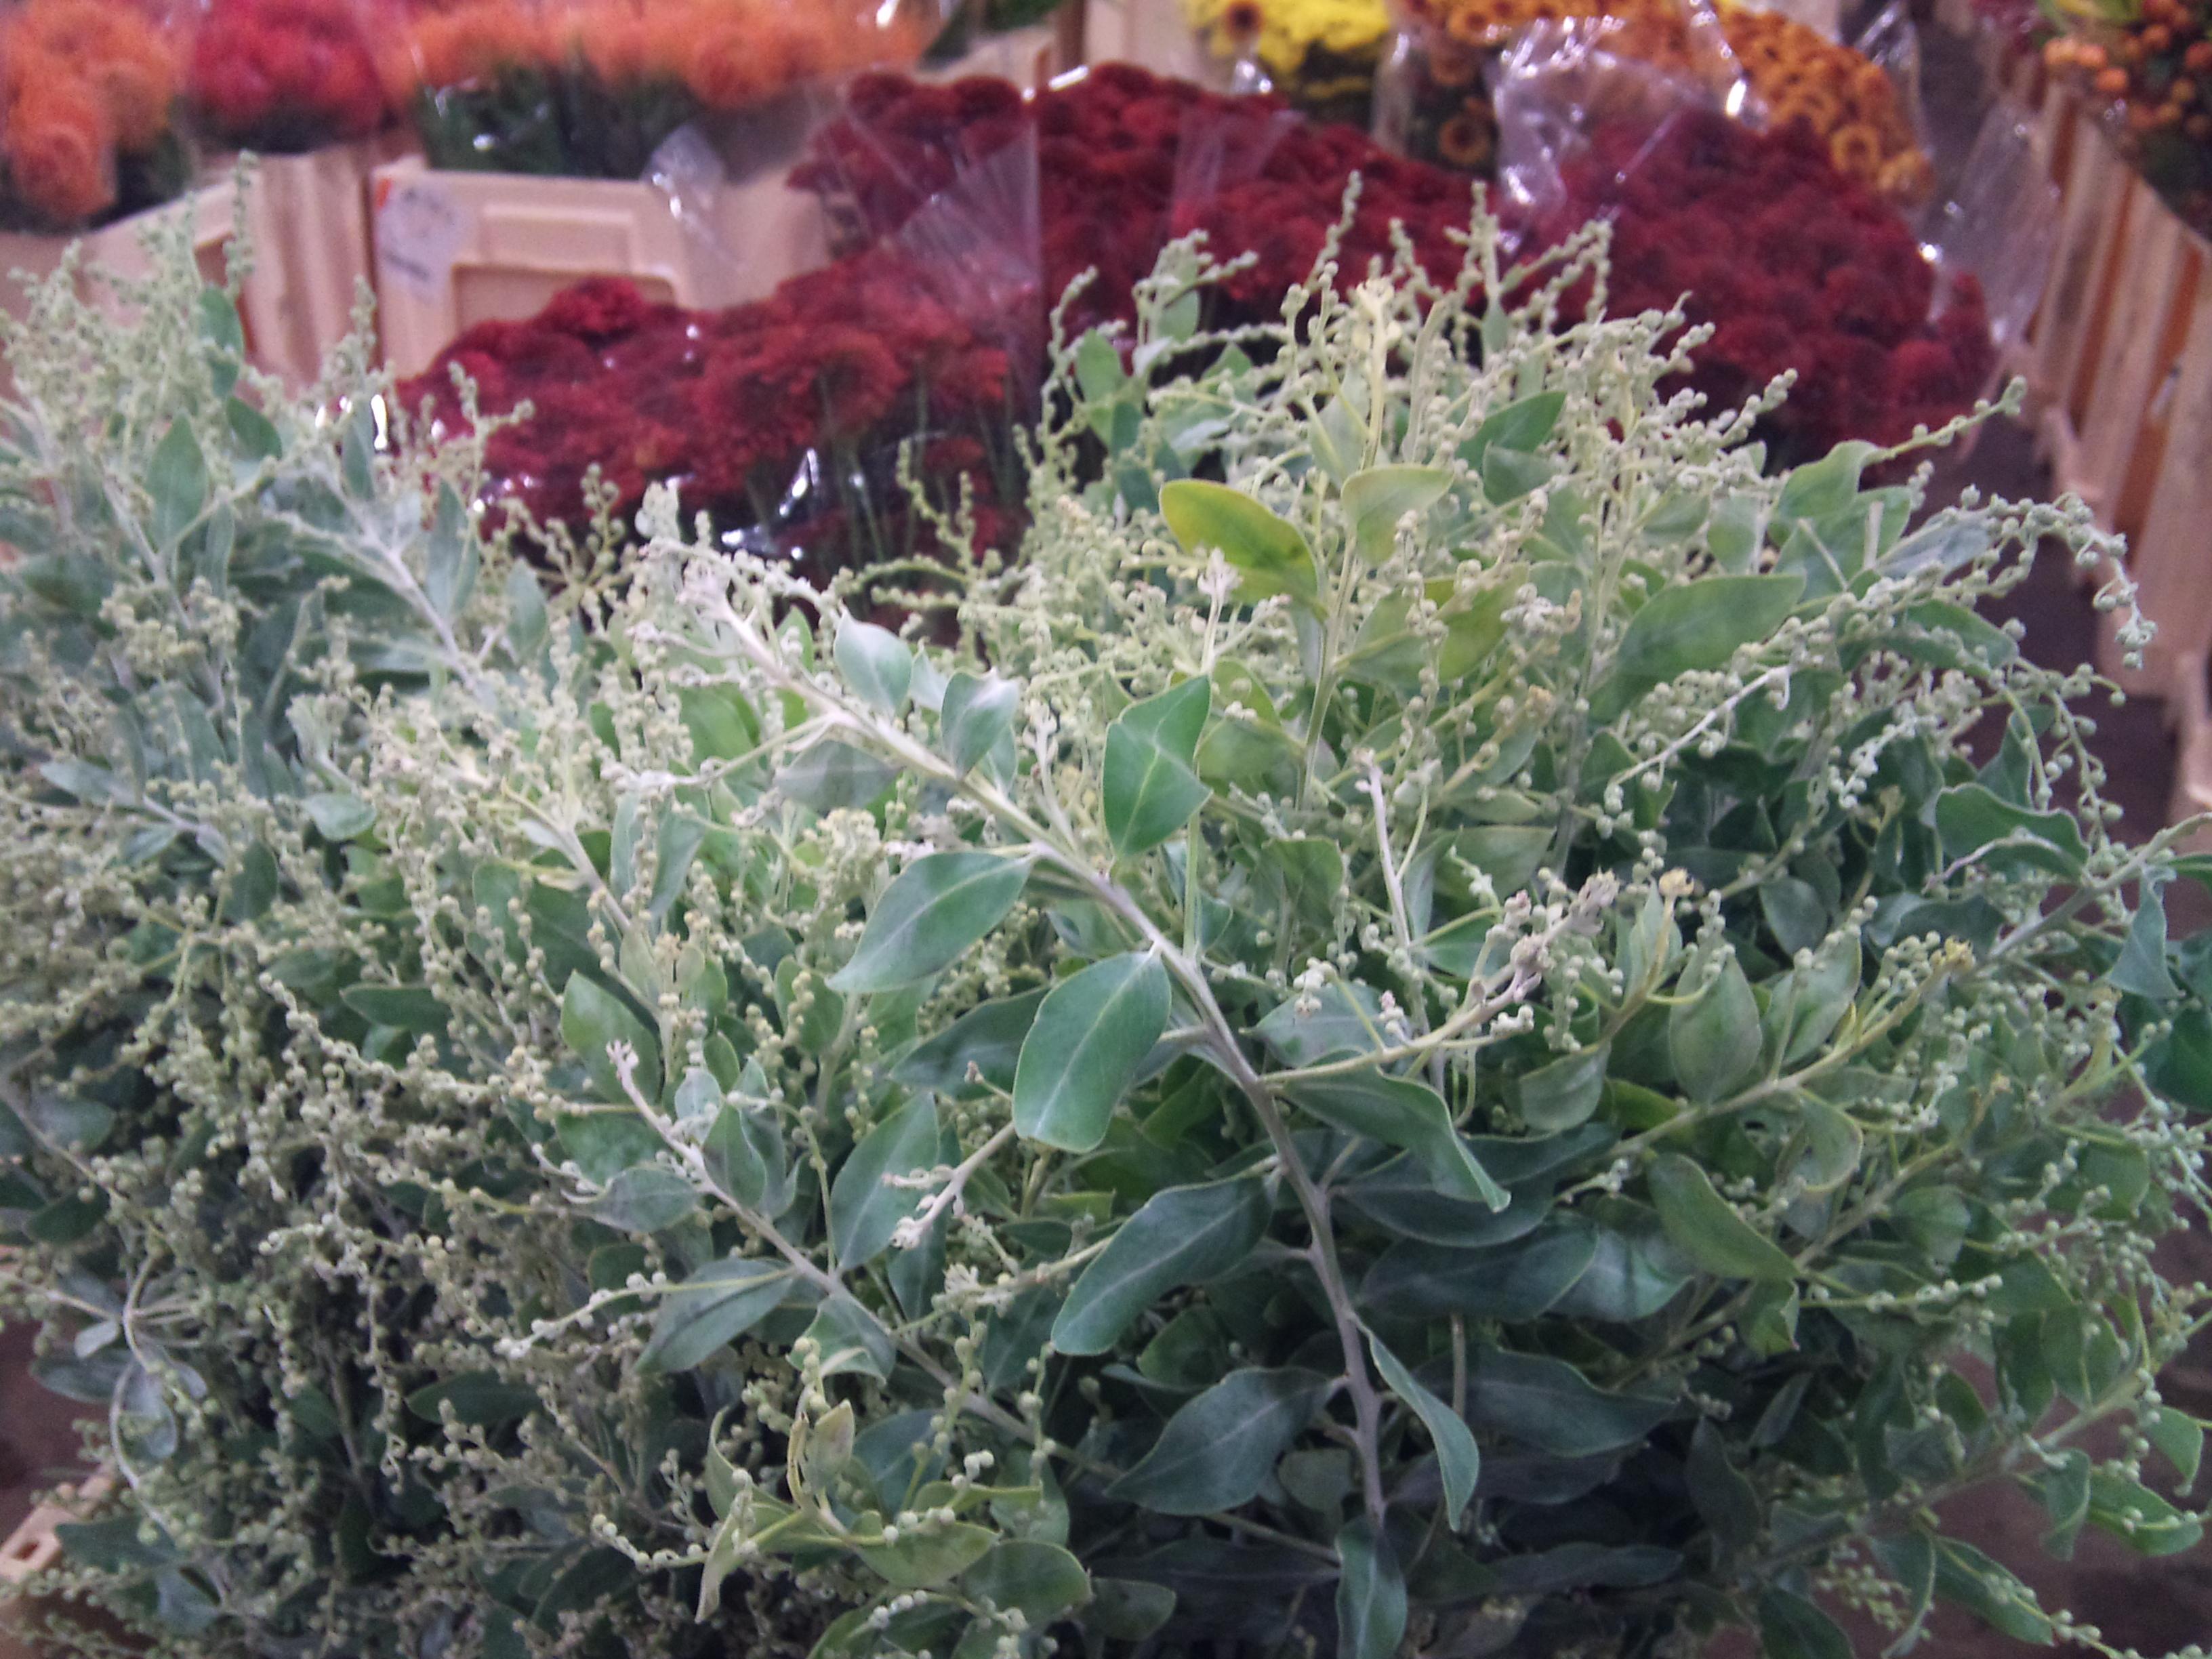 2012-11-mimosa-foliage.jpg?mtime=20171003160356#asset:12698